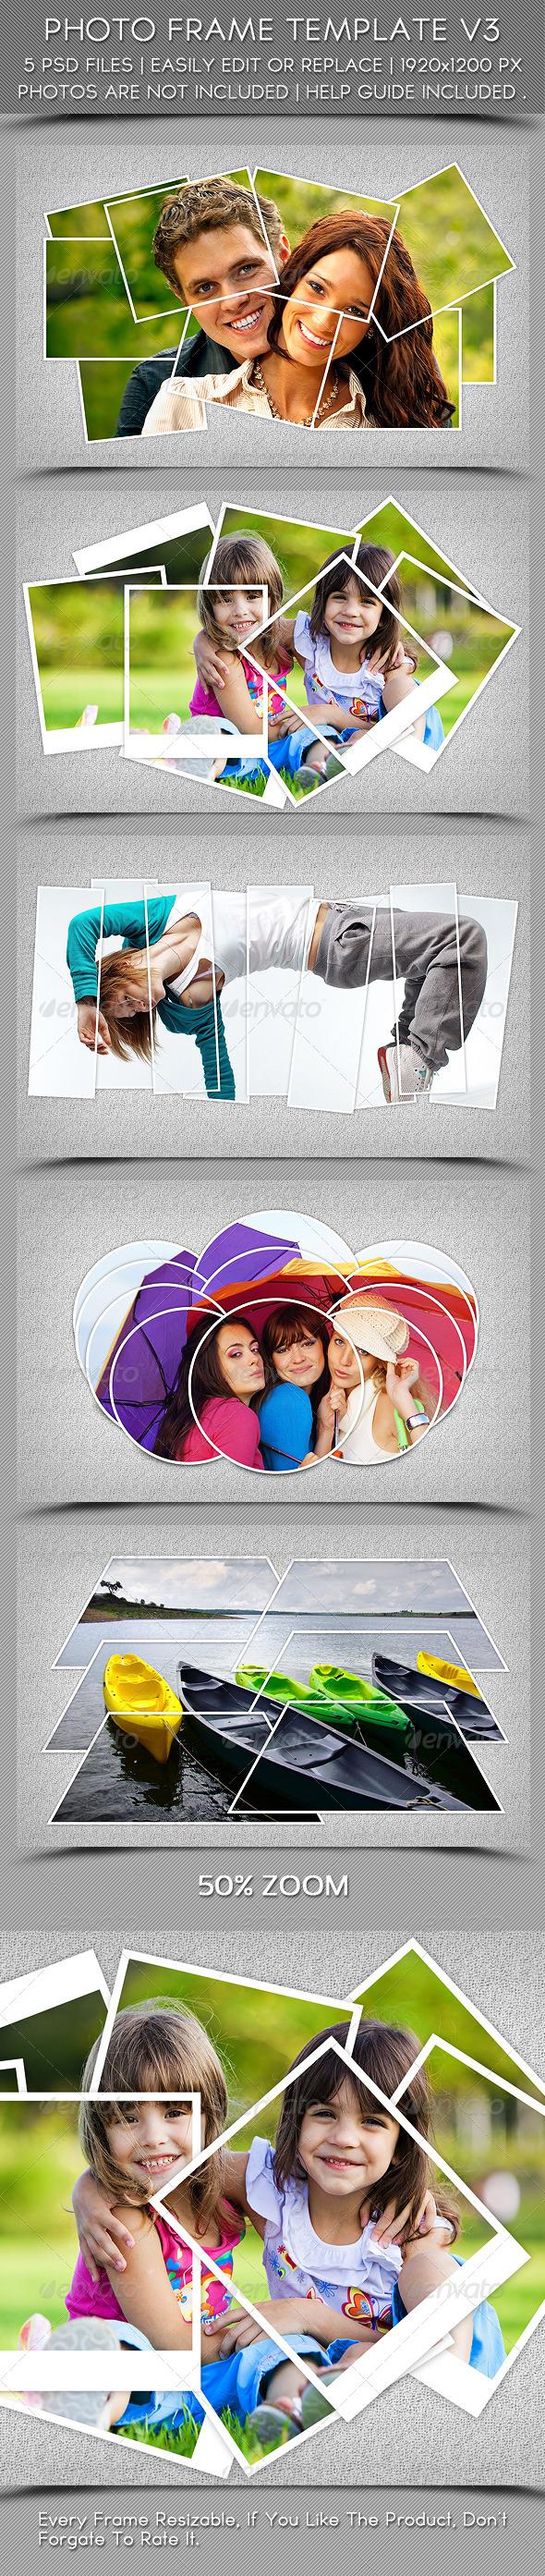 GraphicRiver Photo Frame Template V3 5965053